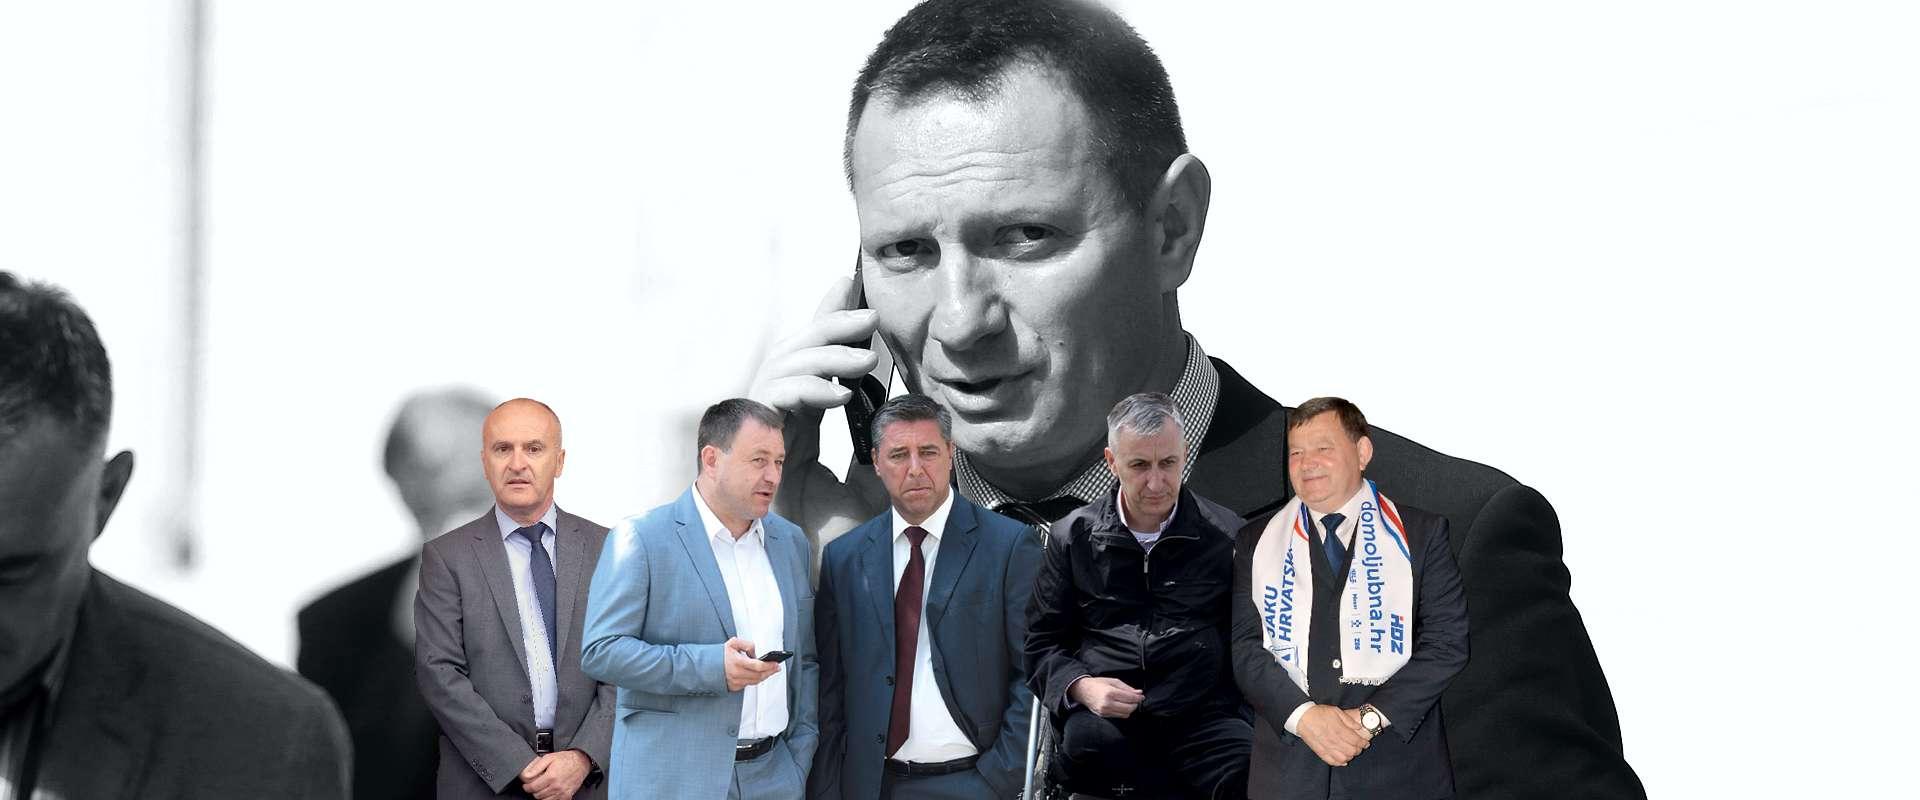 EKSKLUZIVNO: BRANITELJSKA PLJUSKA KARAMARKU: Matić, Vidović, Markač, Deur i Demo na tajnom skupu u Klemmovoj kleti